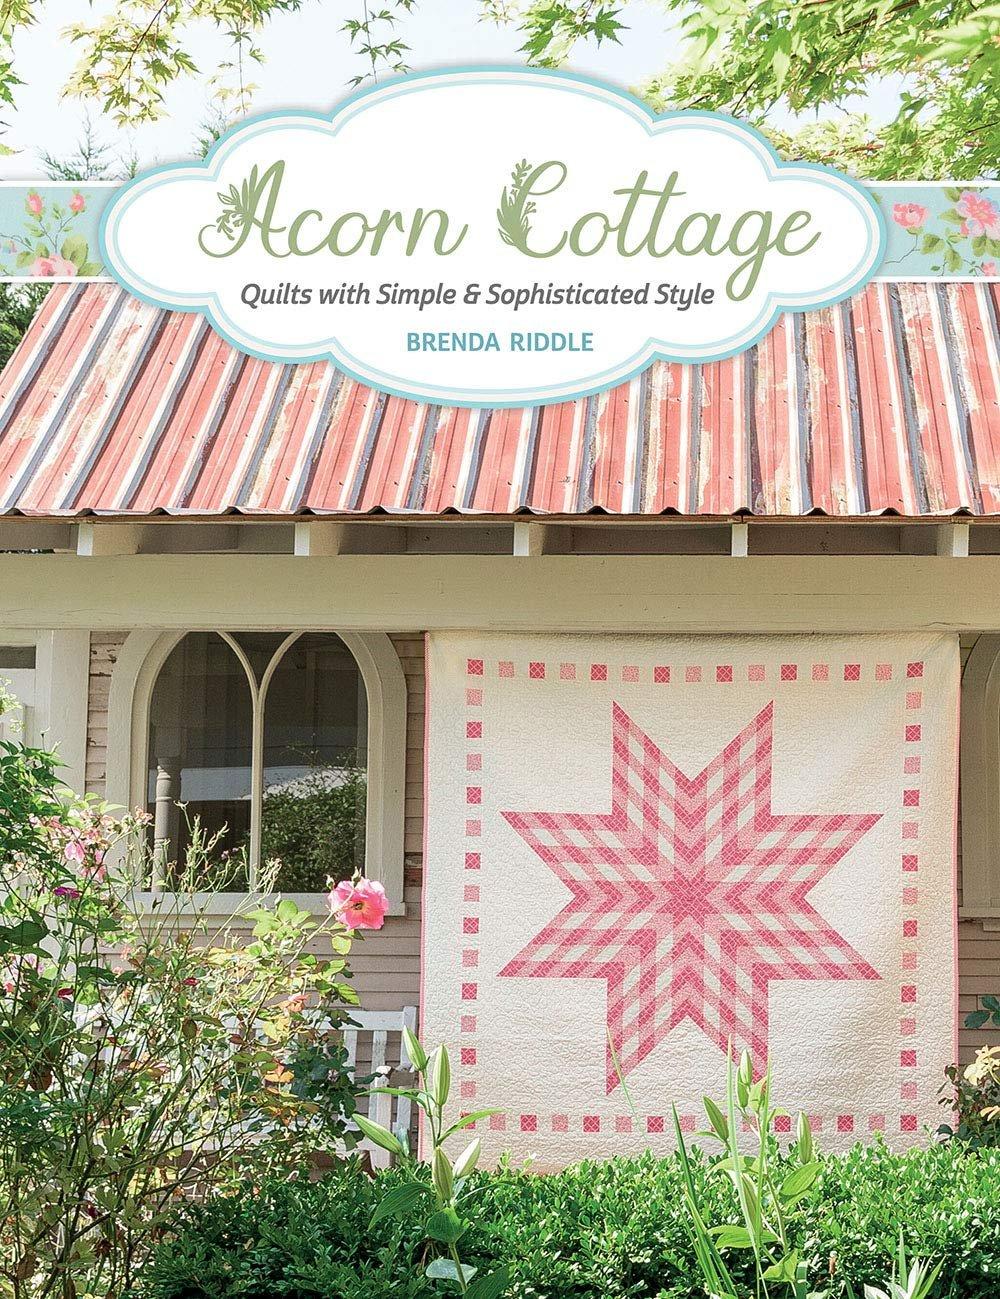 Book Brenda Riddle- Acorn Cottage